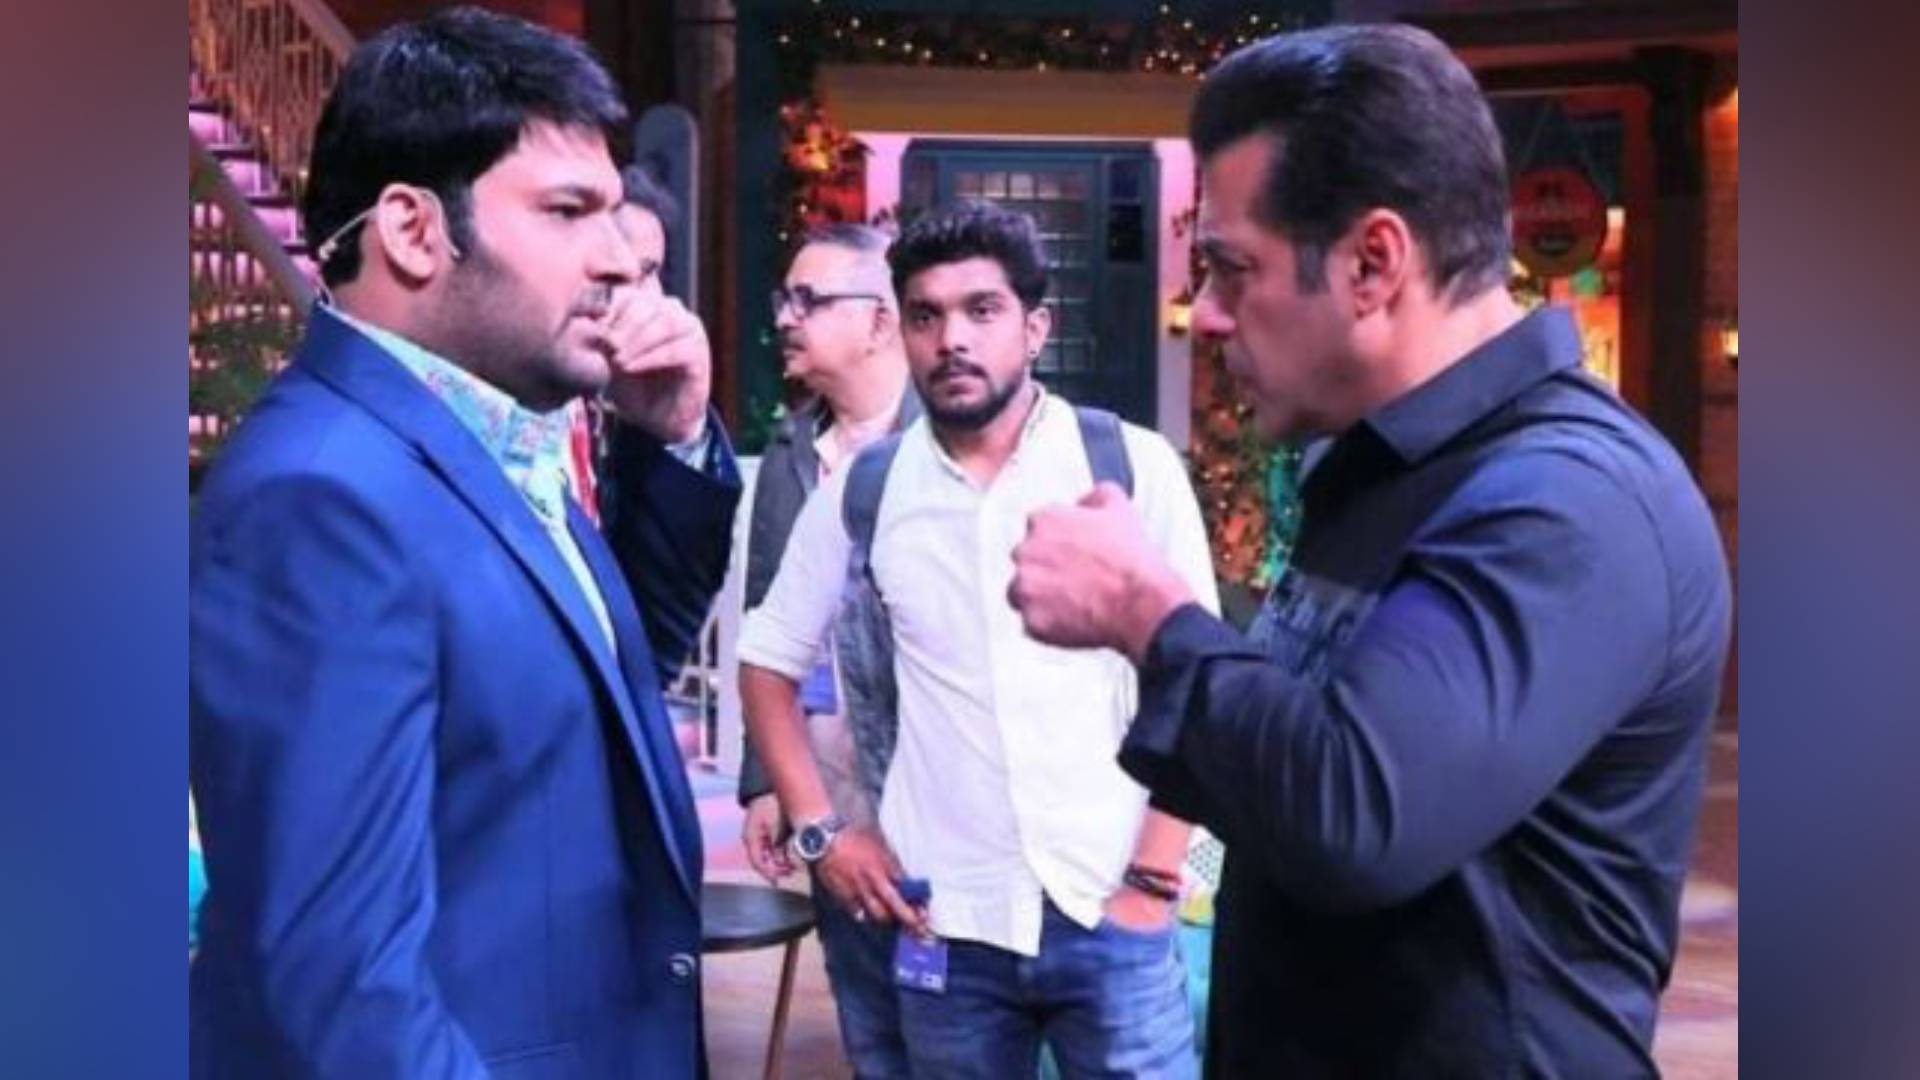 सलमान खान ने दी कपिल शर्मा को वॉर्निंग, बताया कि शो के लिए उन्हें इन चीजों से रहना होगा दूर